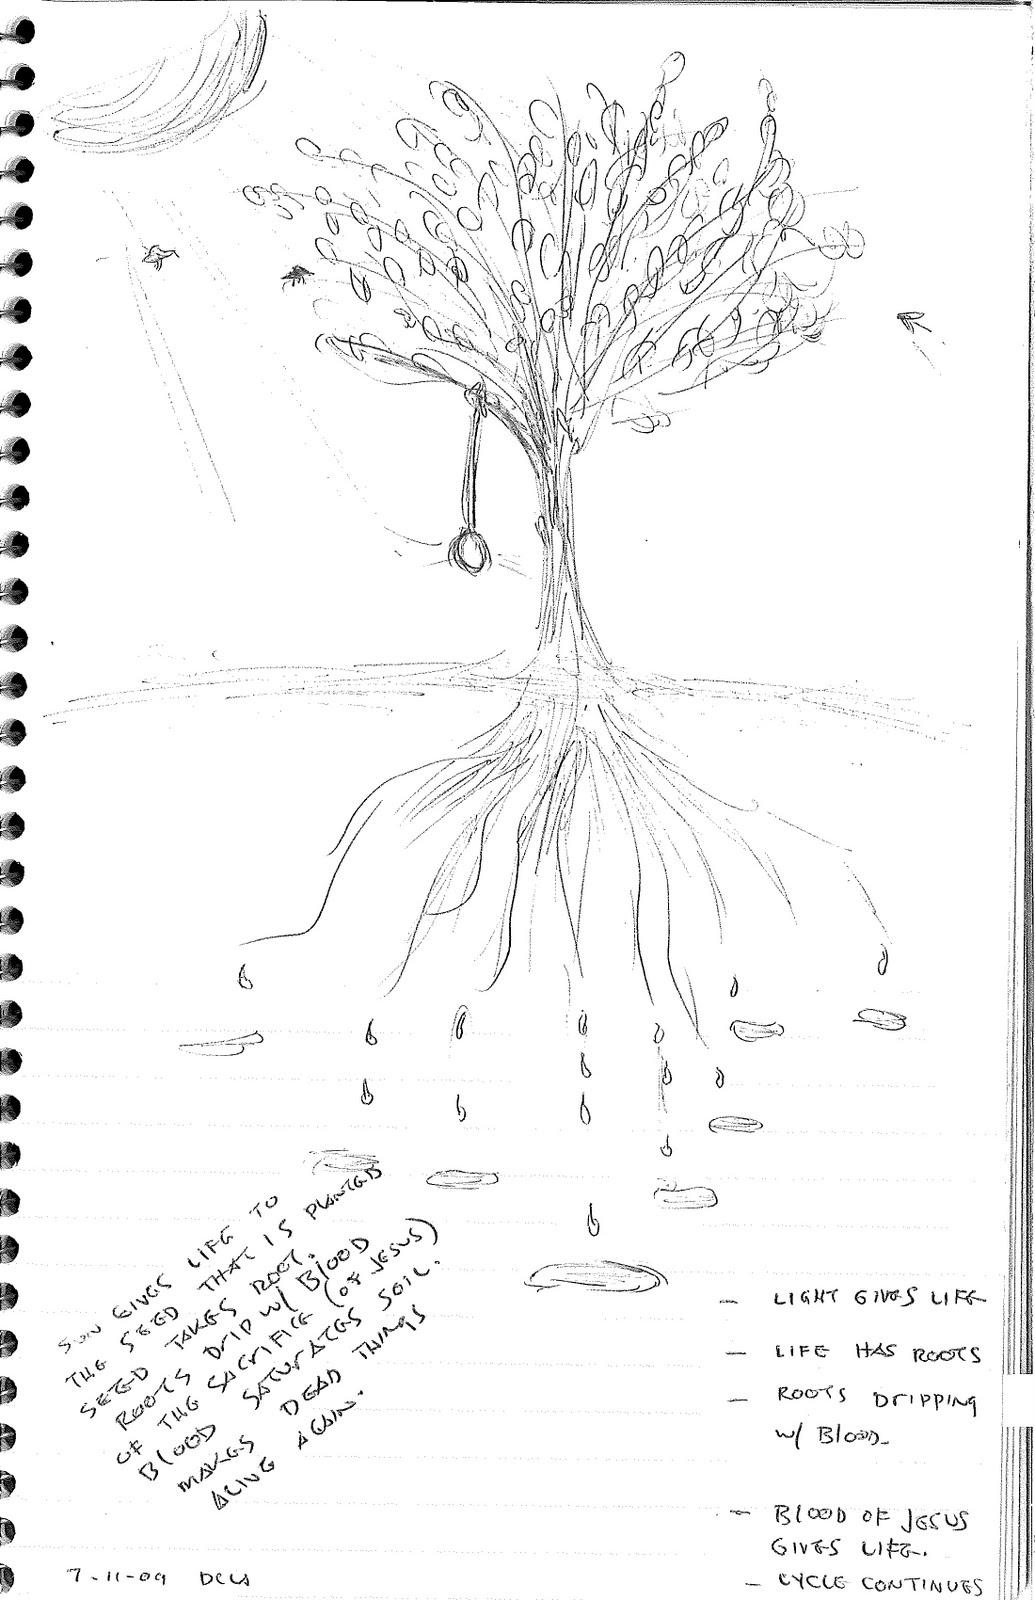 http://1.bp.blogspot.com/_r6LV7rwgAL8/TUHXbxi2gRI/AAAAAAAABn8/DjlI228KmF0/s1600/tree%2Broots%2Bof%2Bblood%2Bdcla%2Bnotes.jpg